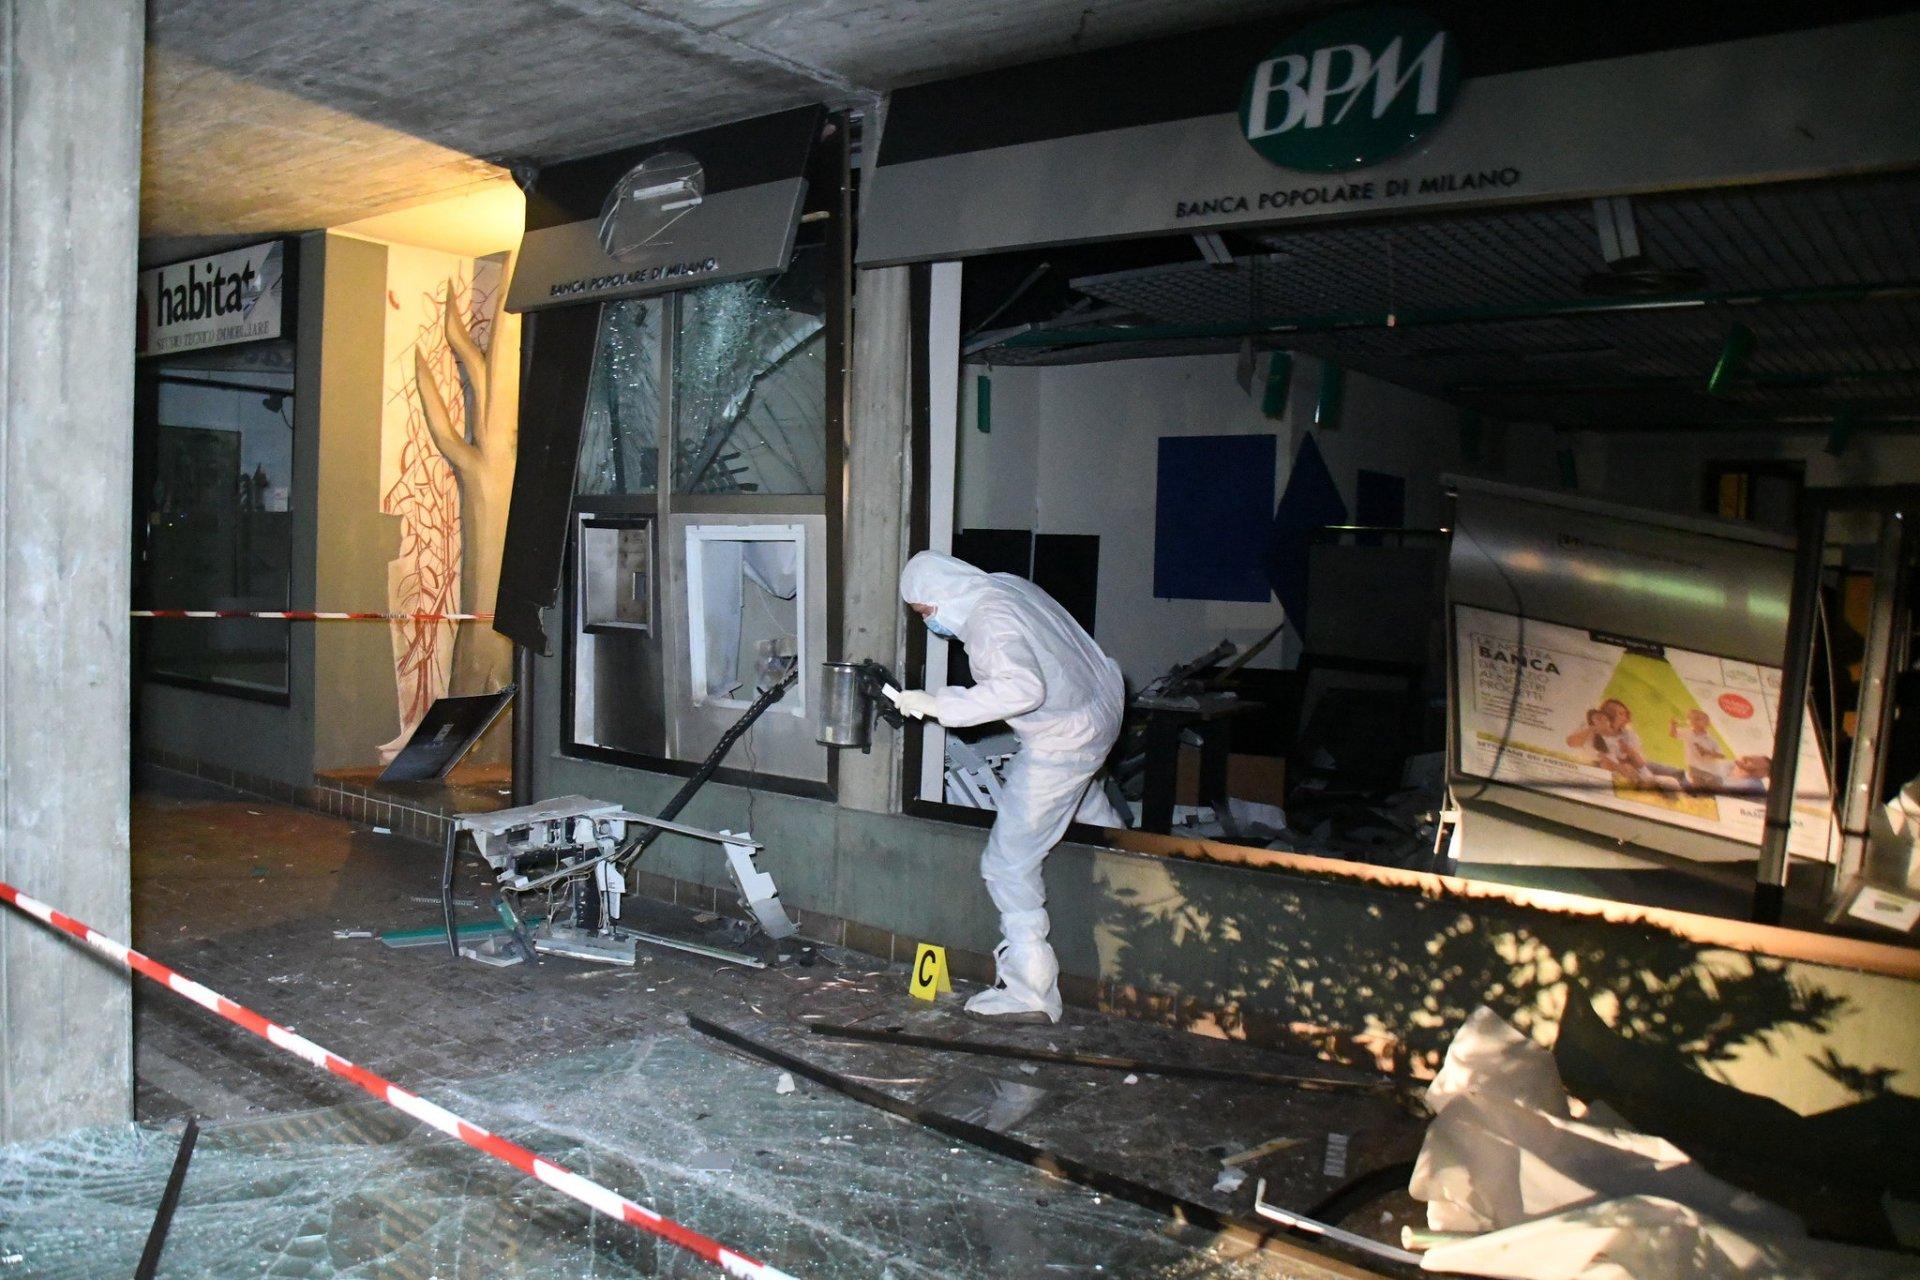 Biassono Assalto Esplosivo Al Bancomat Della Bpm Video Giornale